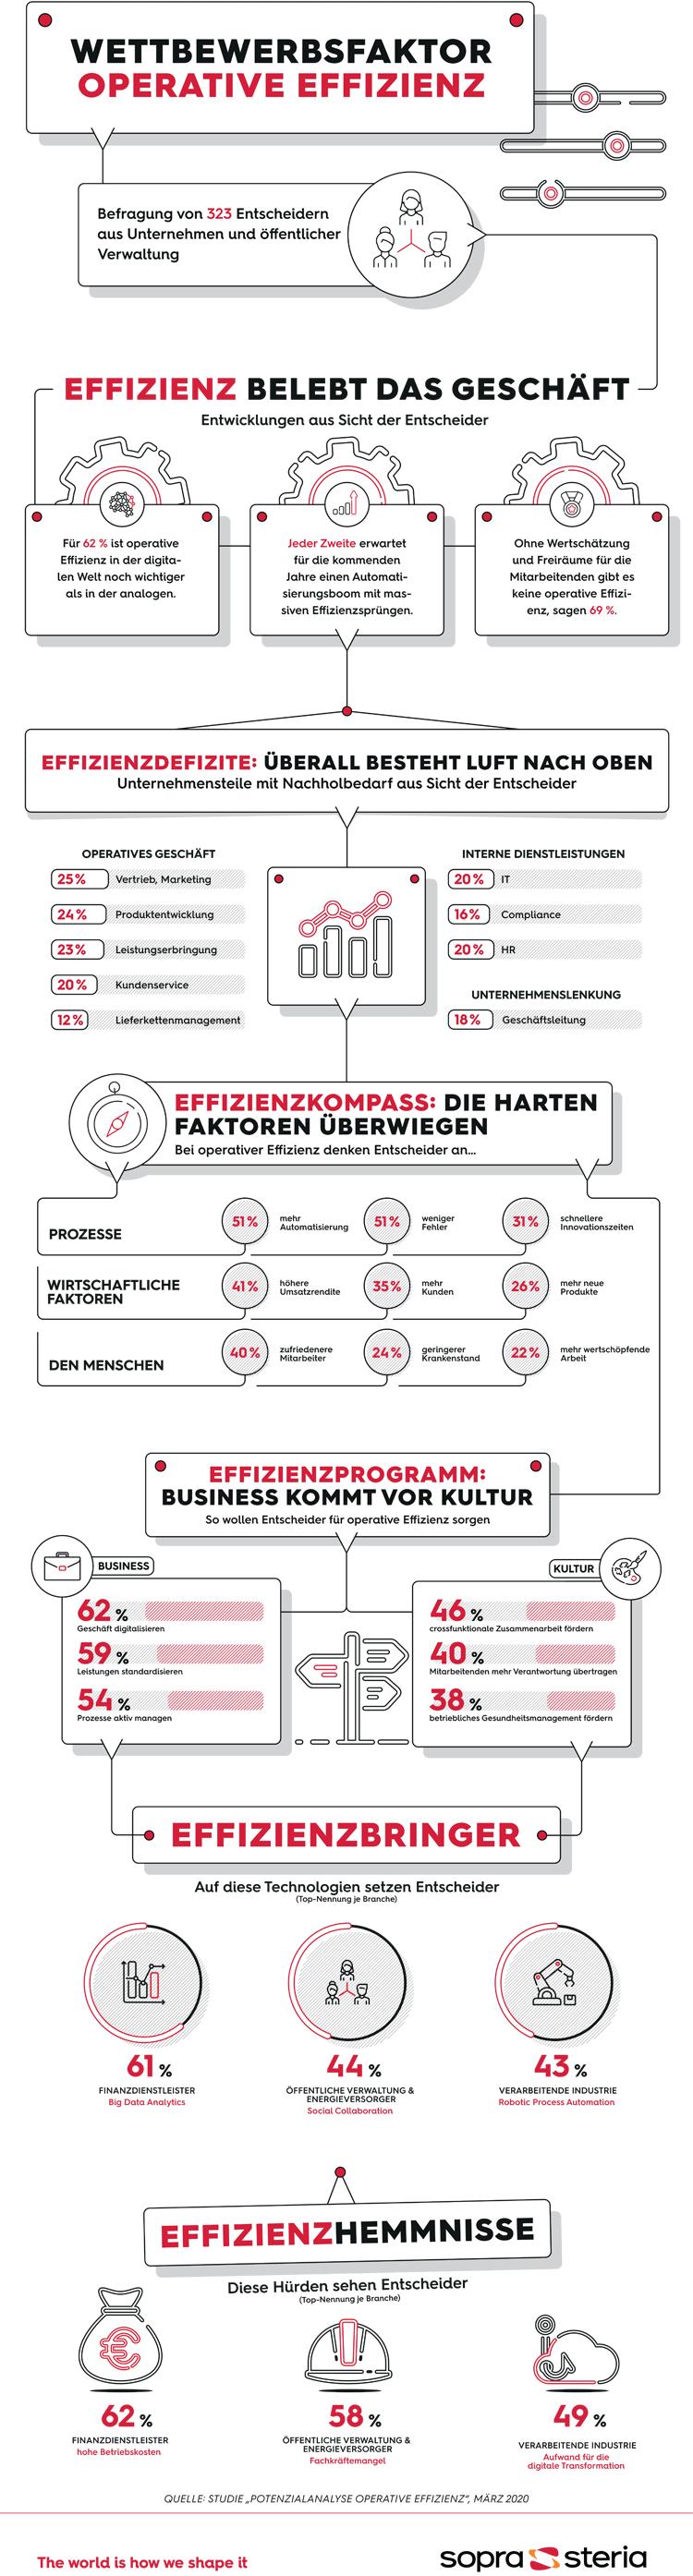 Infografik: Wettbewerbsfaktor operative Effizienz